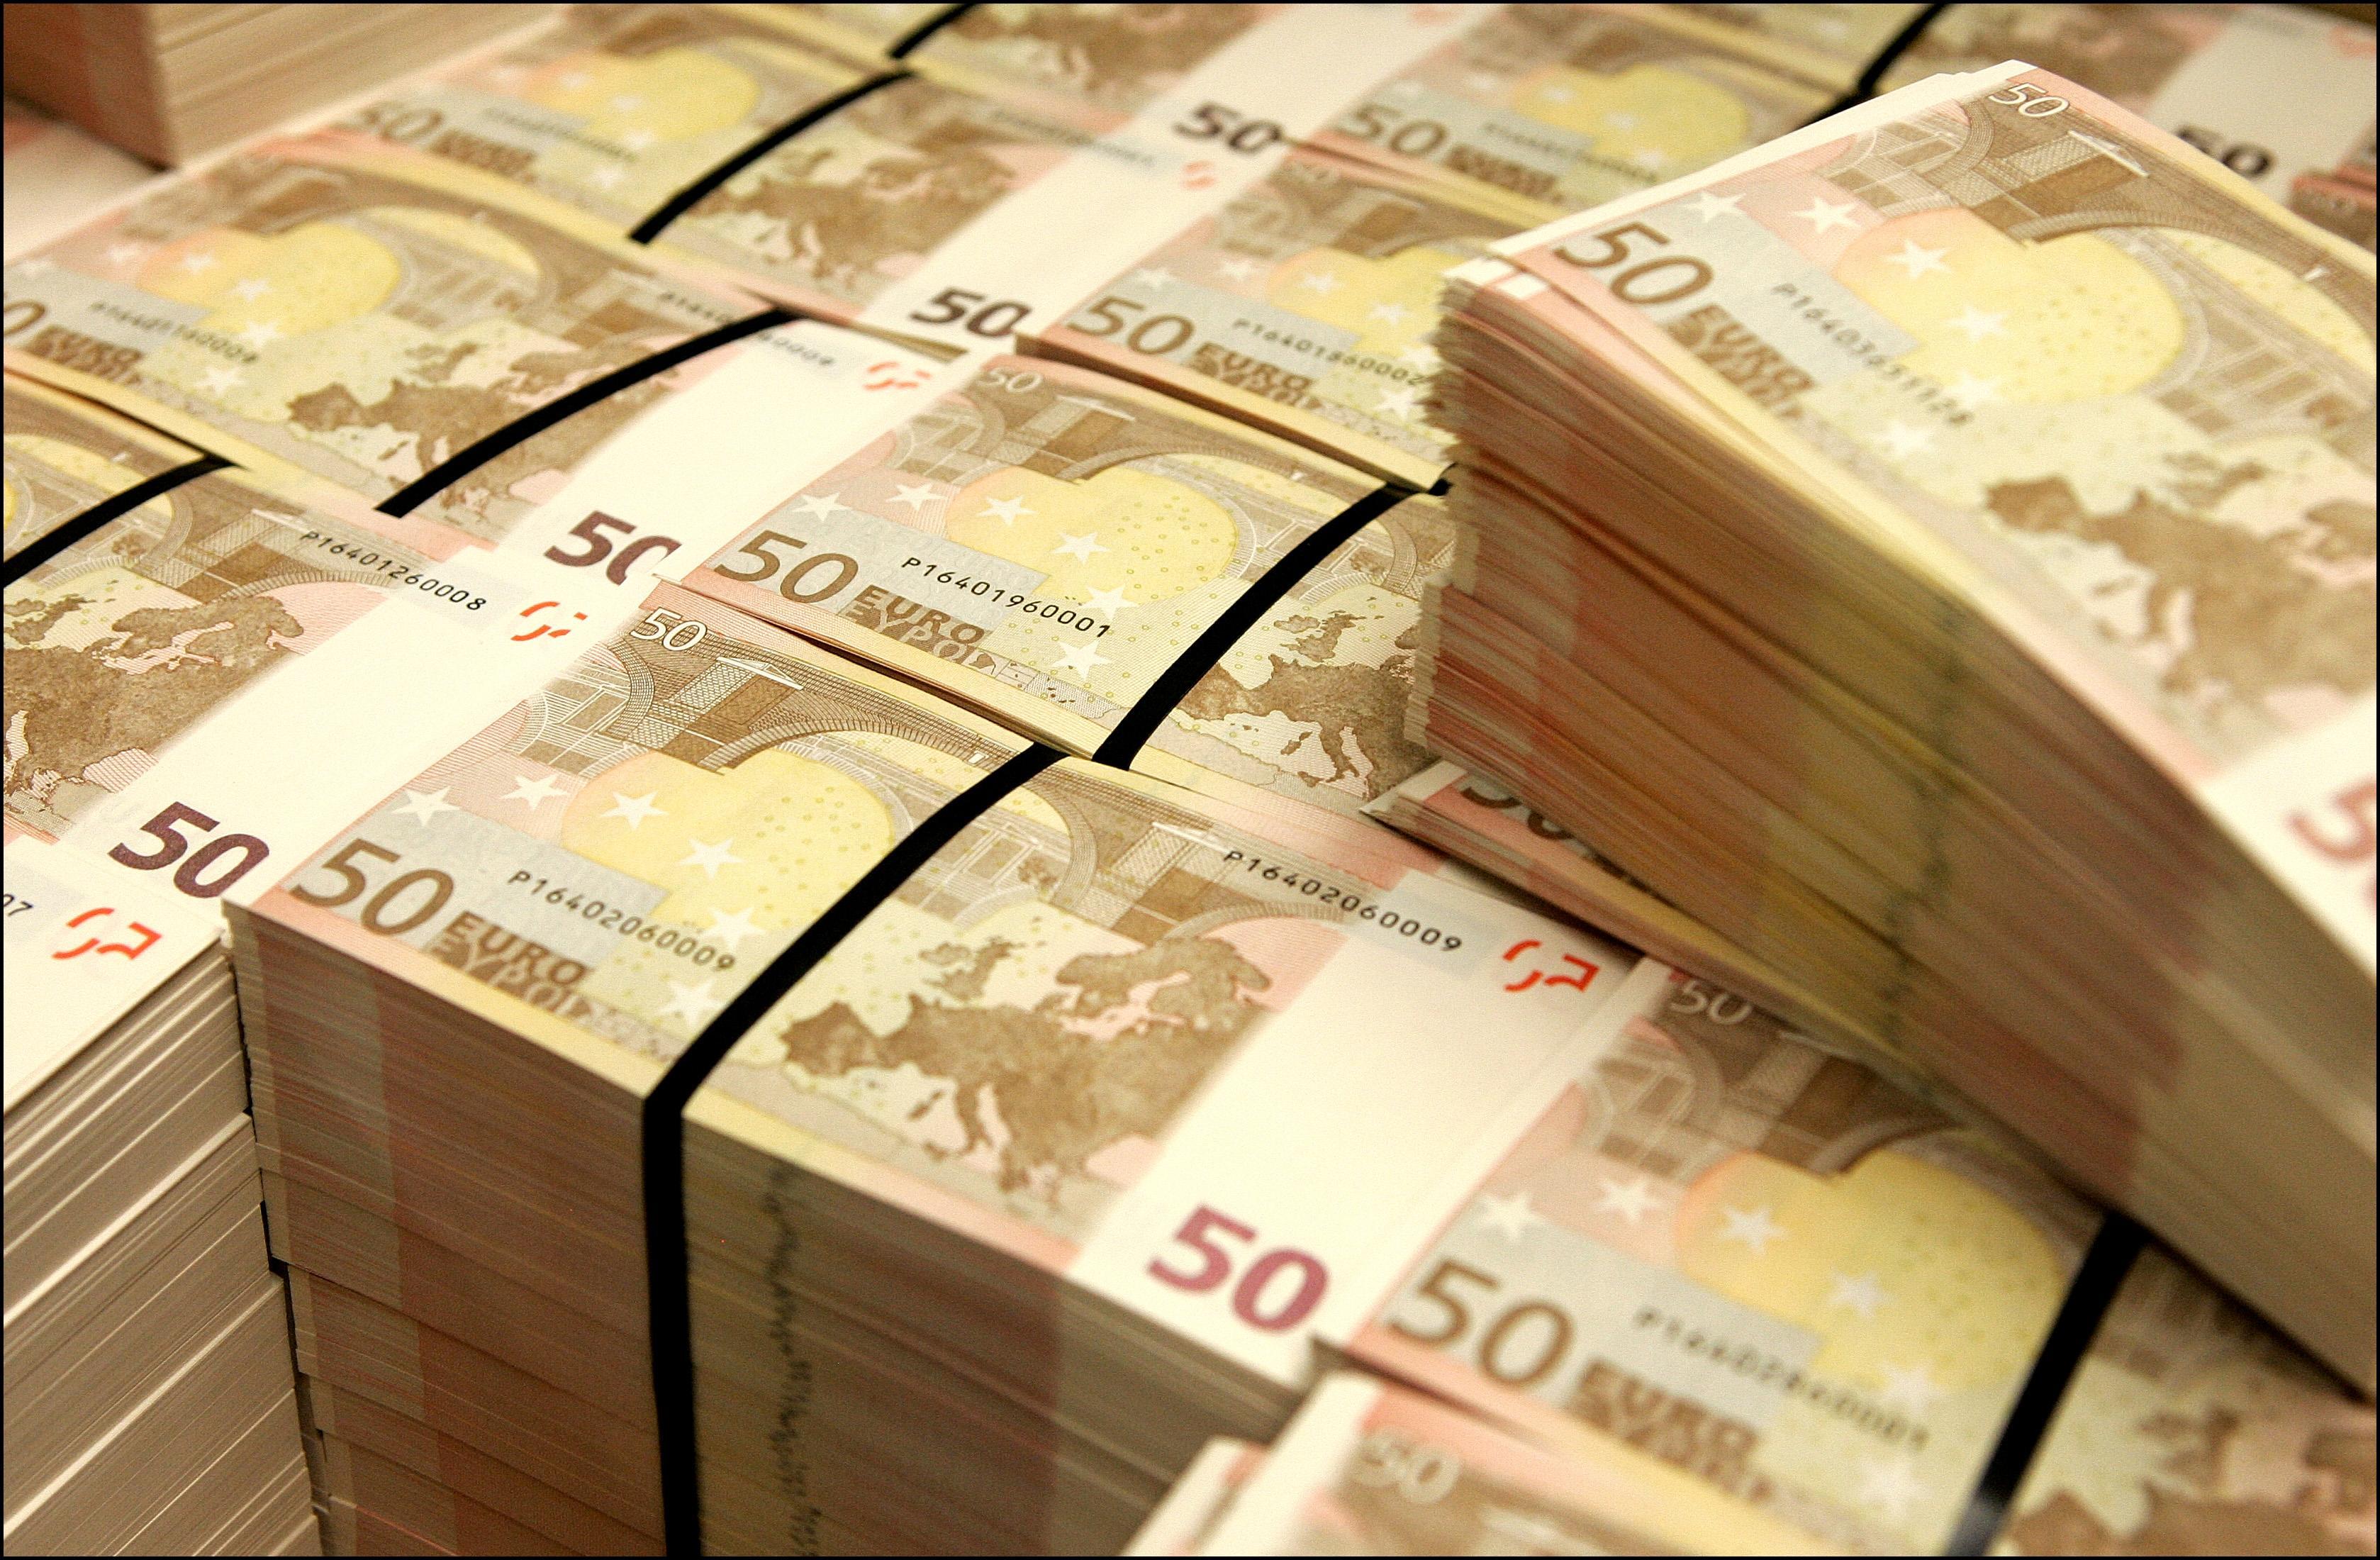 Witwassers uit Hilversum en Bussum moeten een jaar de cel in: agenten zagen een van de mannen met twee ton aan contant geld in zijn auto stappen